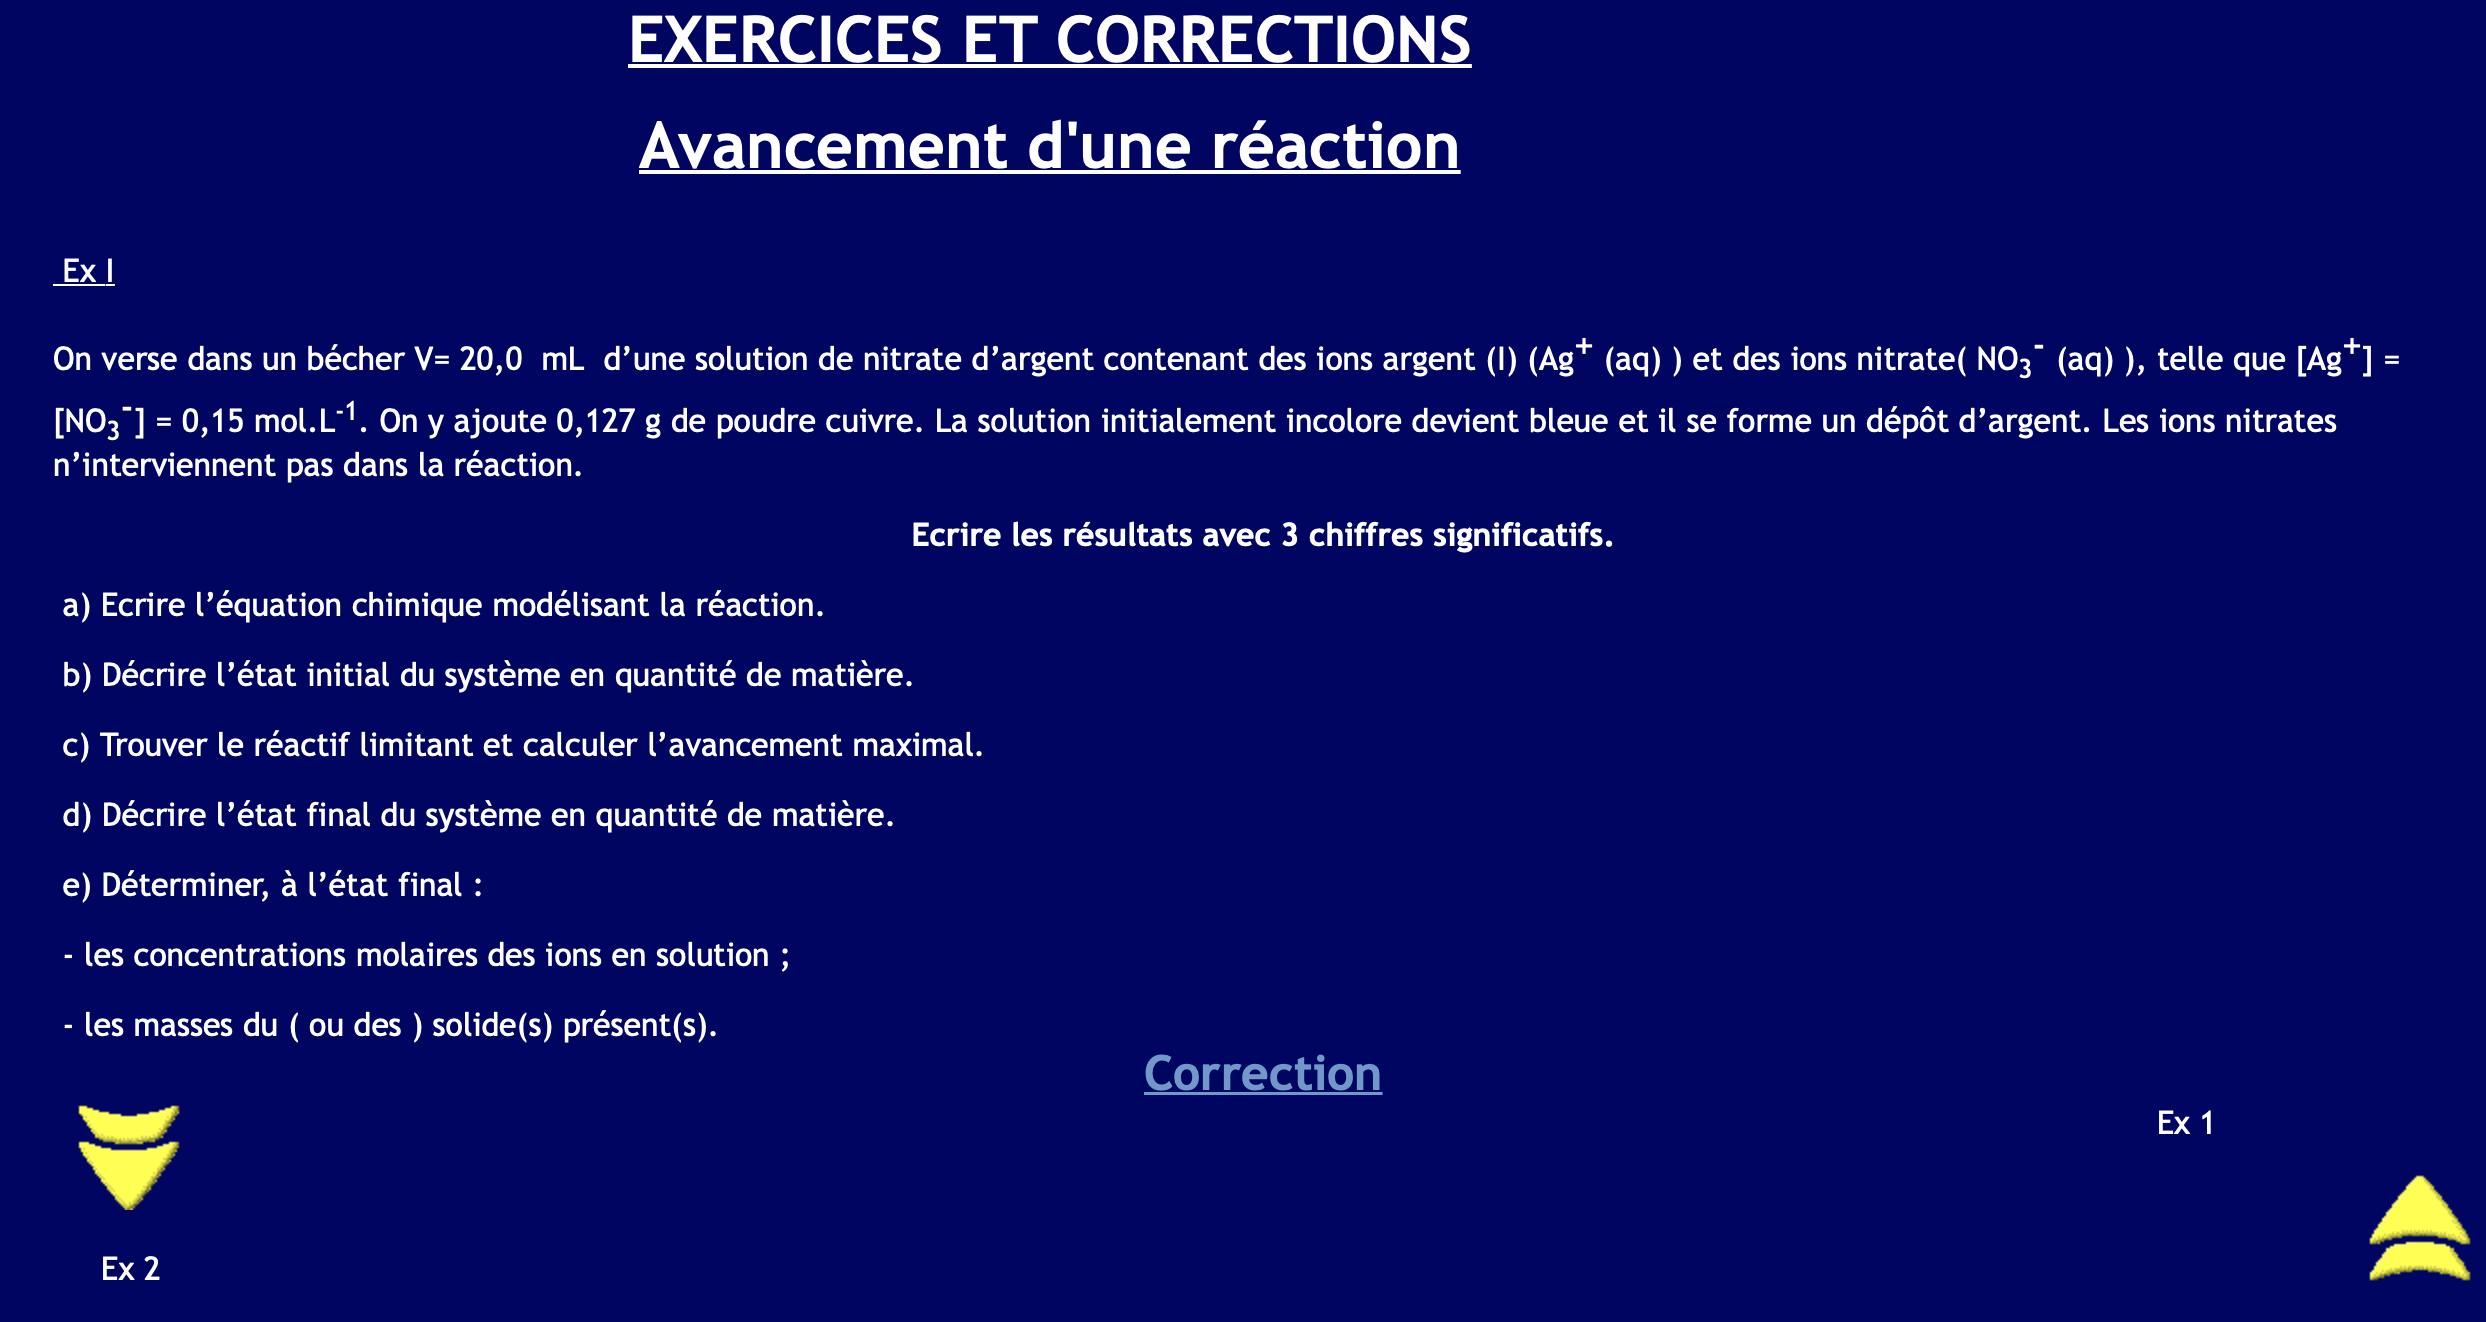 Exercices sur l'avancement (avec correction)